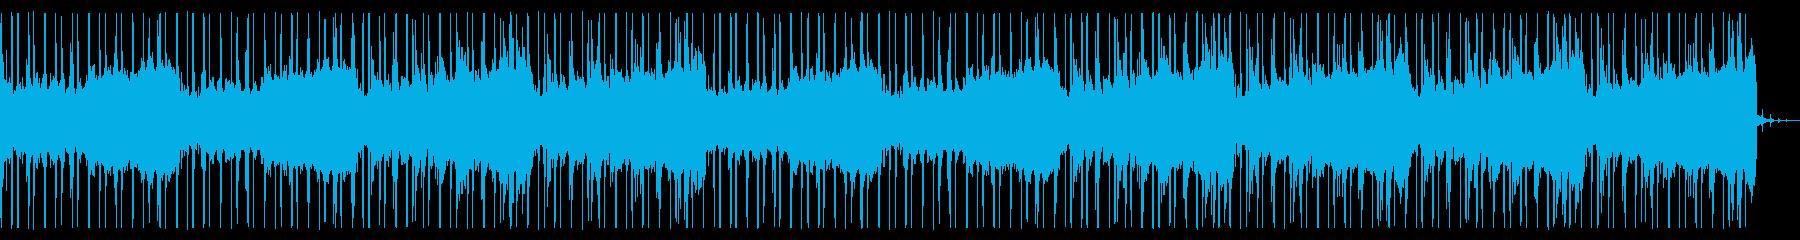 大人なR&B_No638_6の再生済みの波形